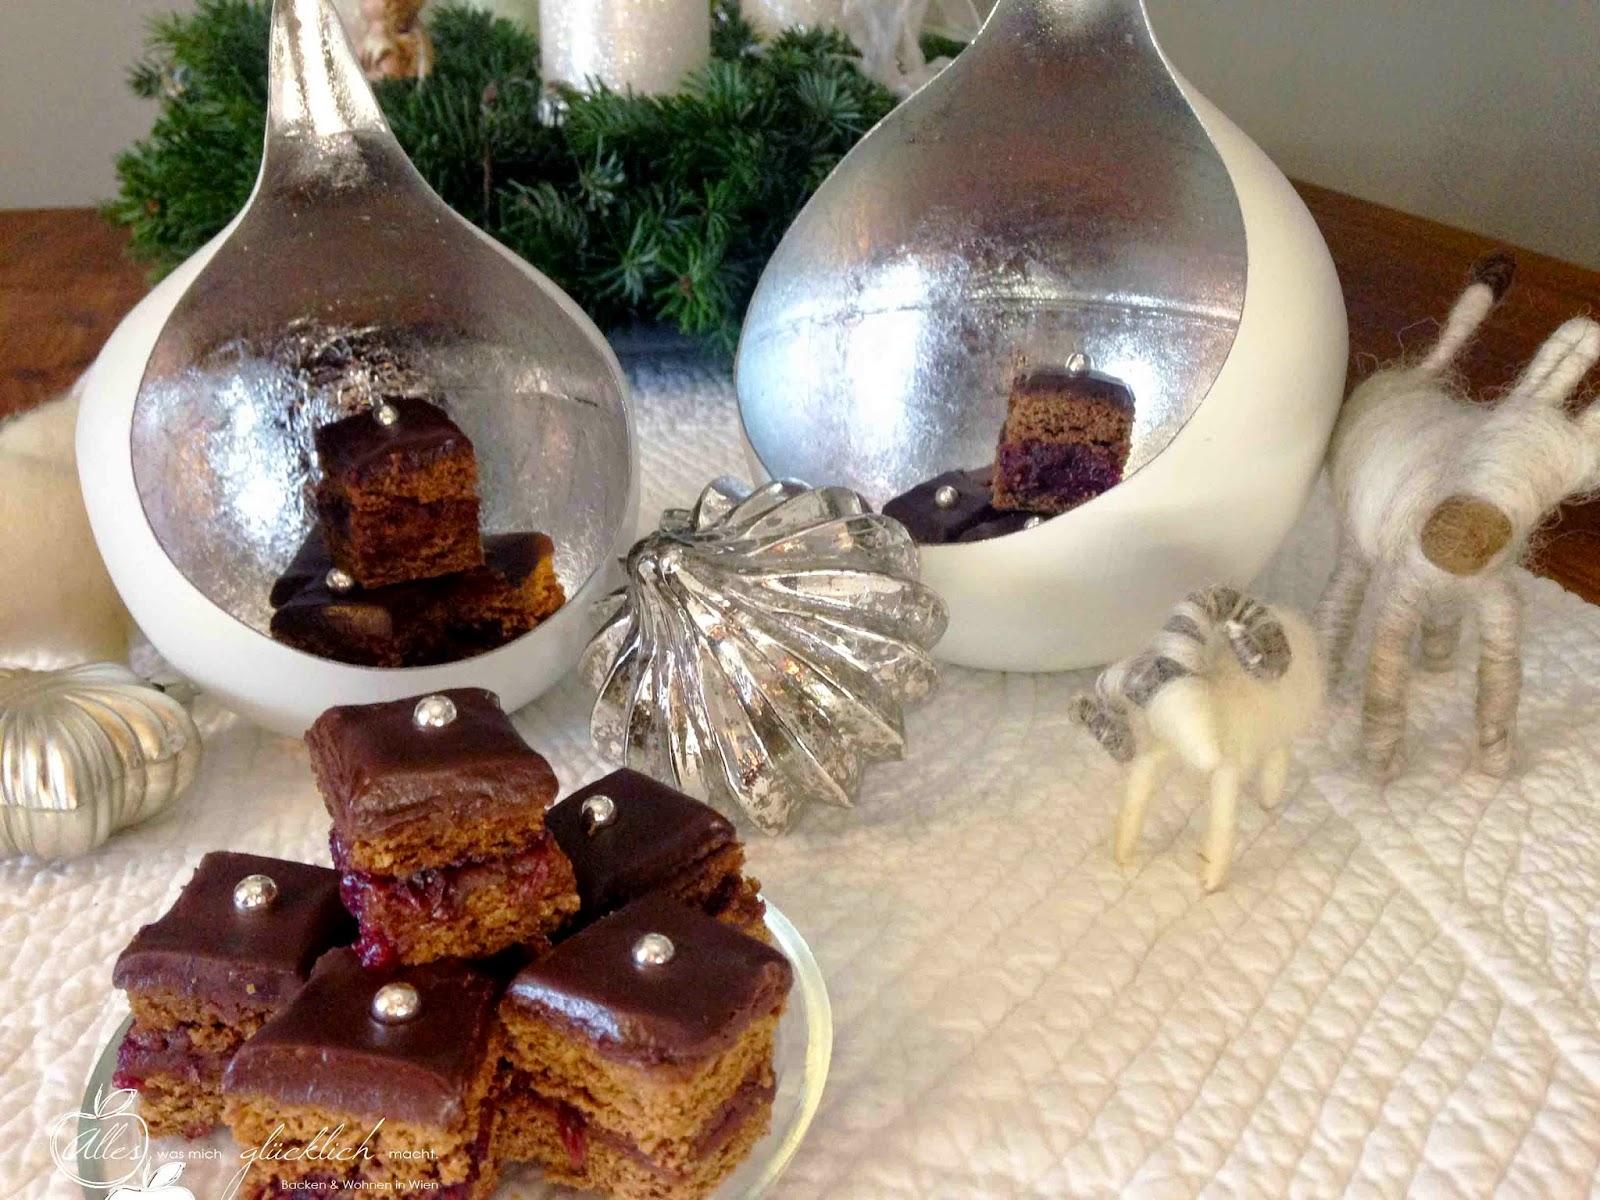 Der beste Lebkuchen der Welt - Gedeckter Lebkuchen!